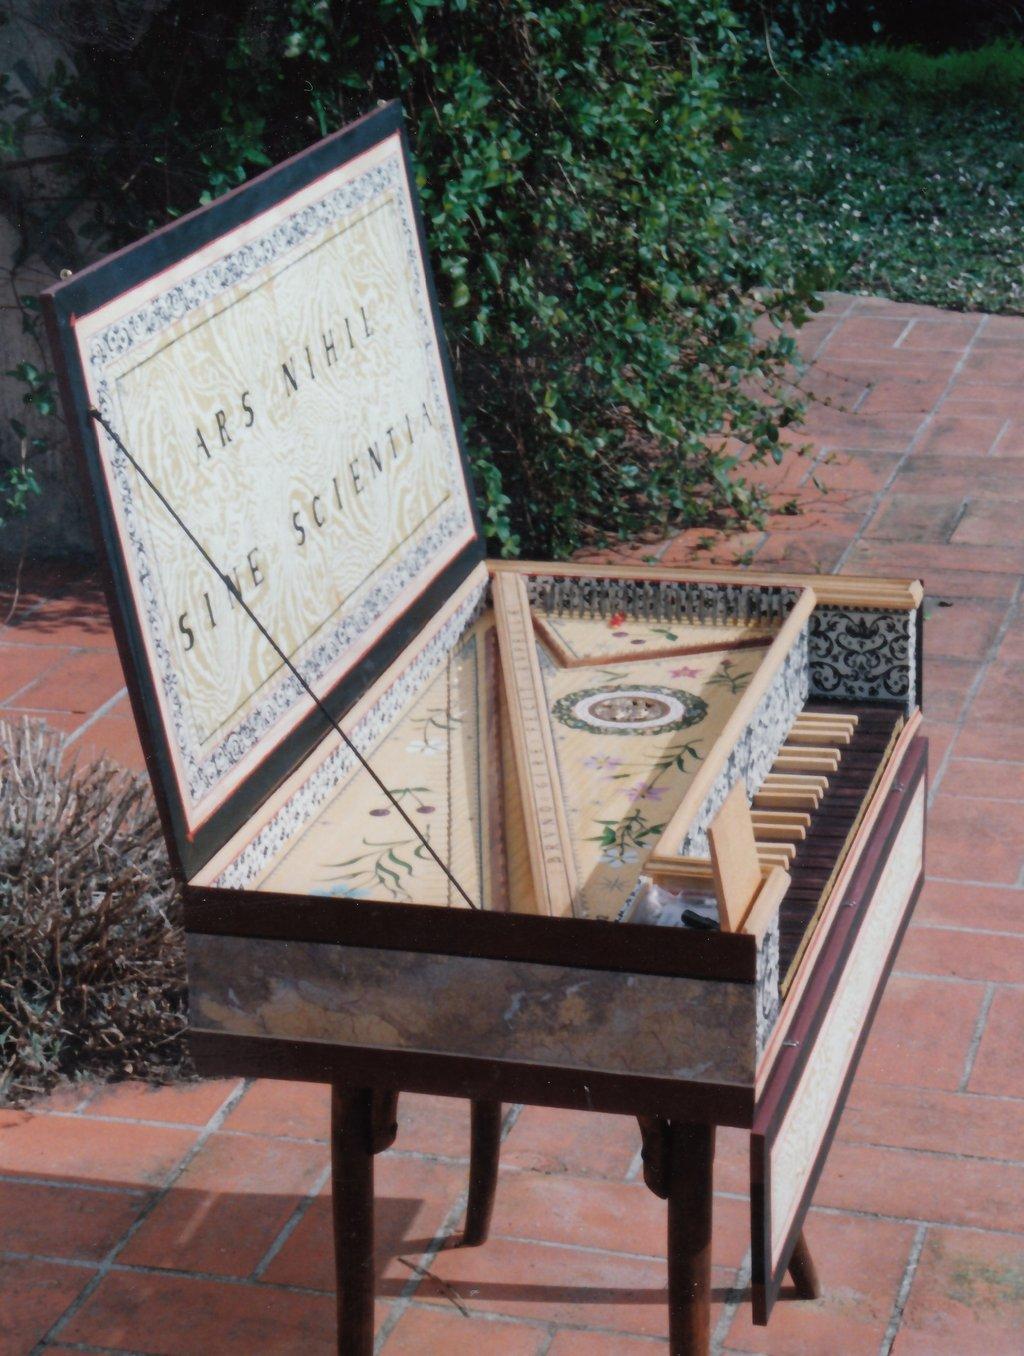 Fabrication d'instruments de musique anciens de bgire - Page 2 YgNjJb-1992-Kind-Virginal-80